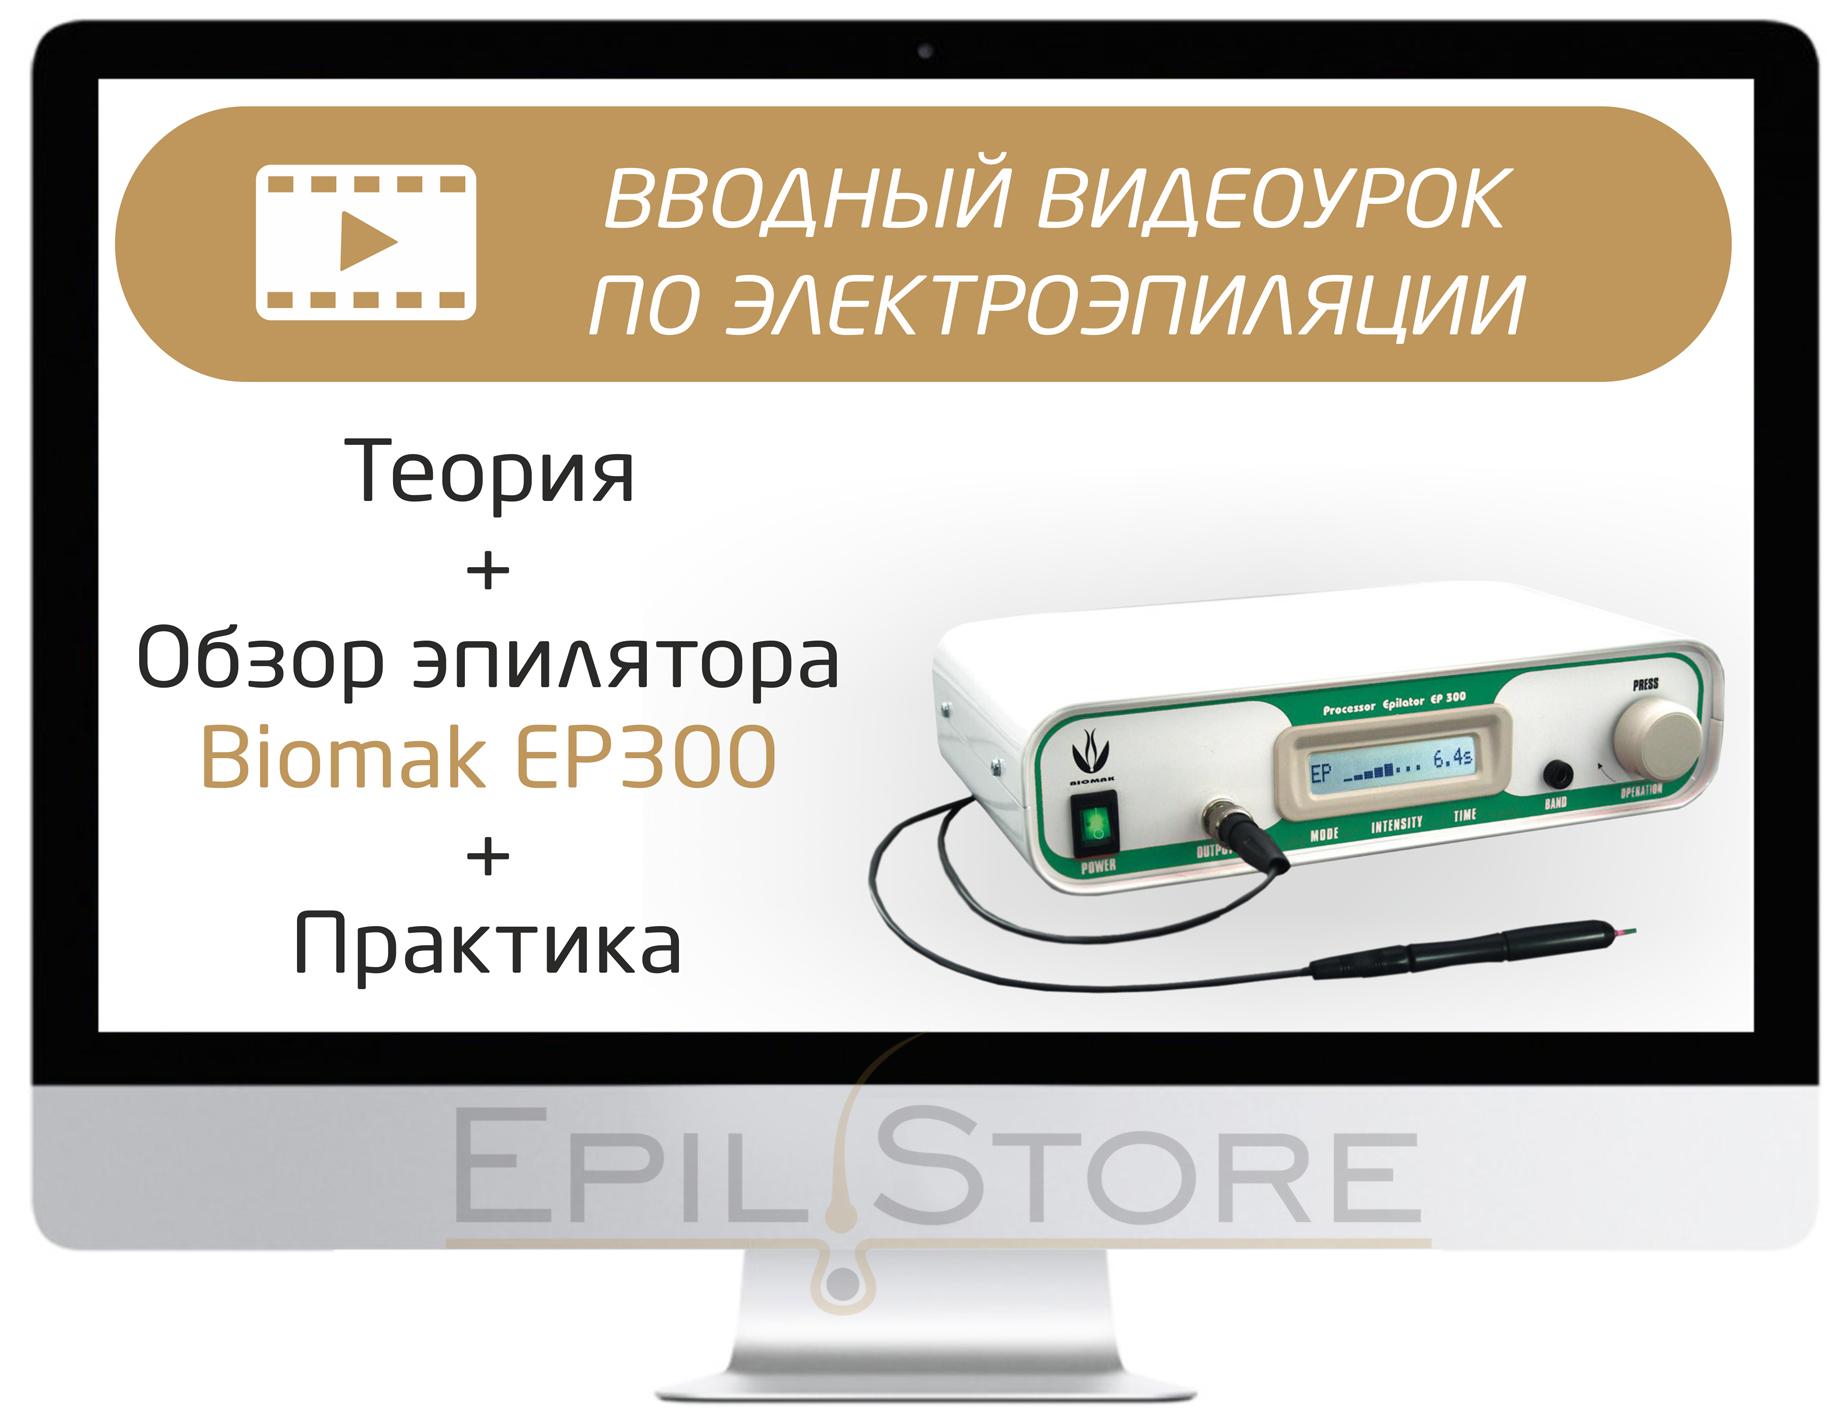 Вводный видеоурок для Biomak EP300